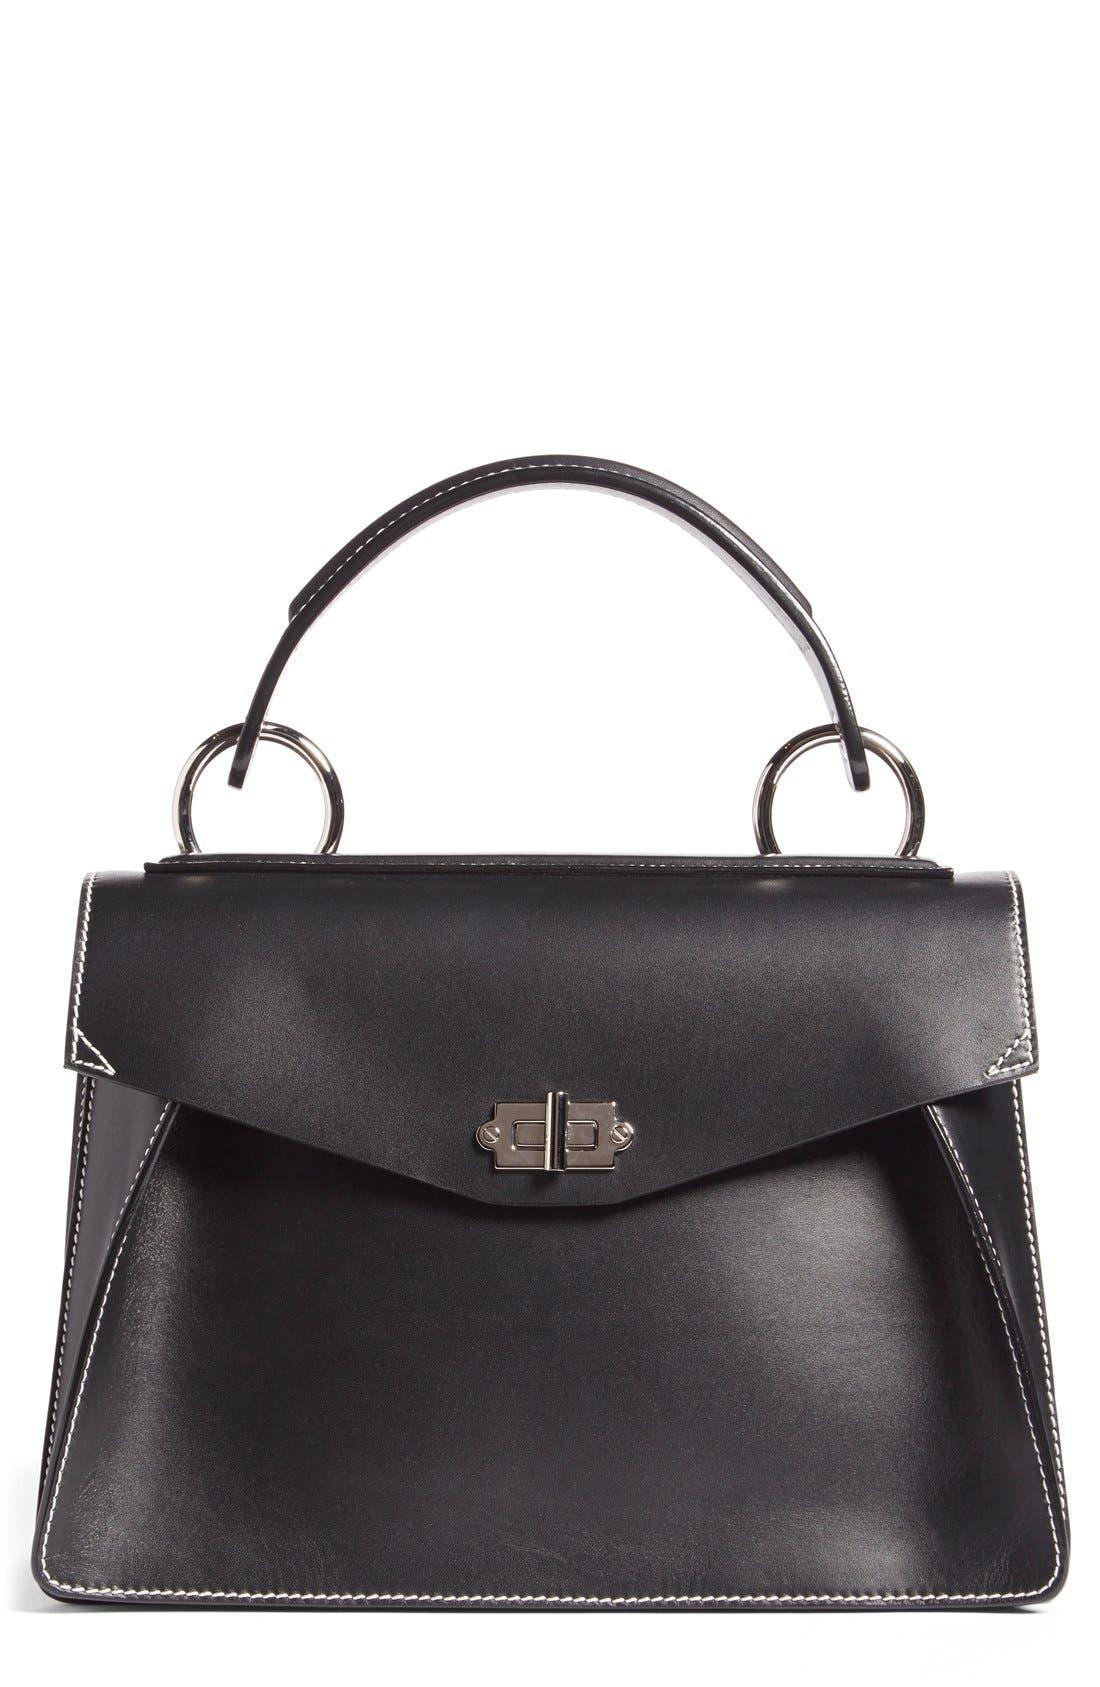 Main Image - Proenza Schouler 'Medium Hava' Top Handle Calfskin Leather Satchel